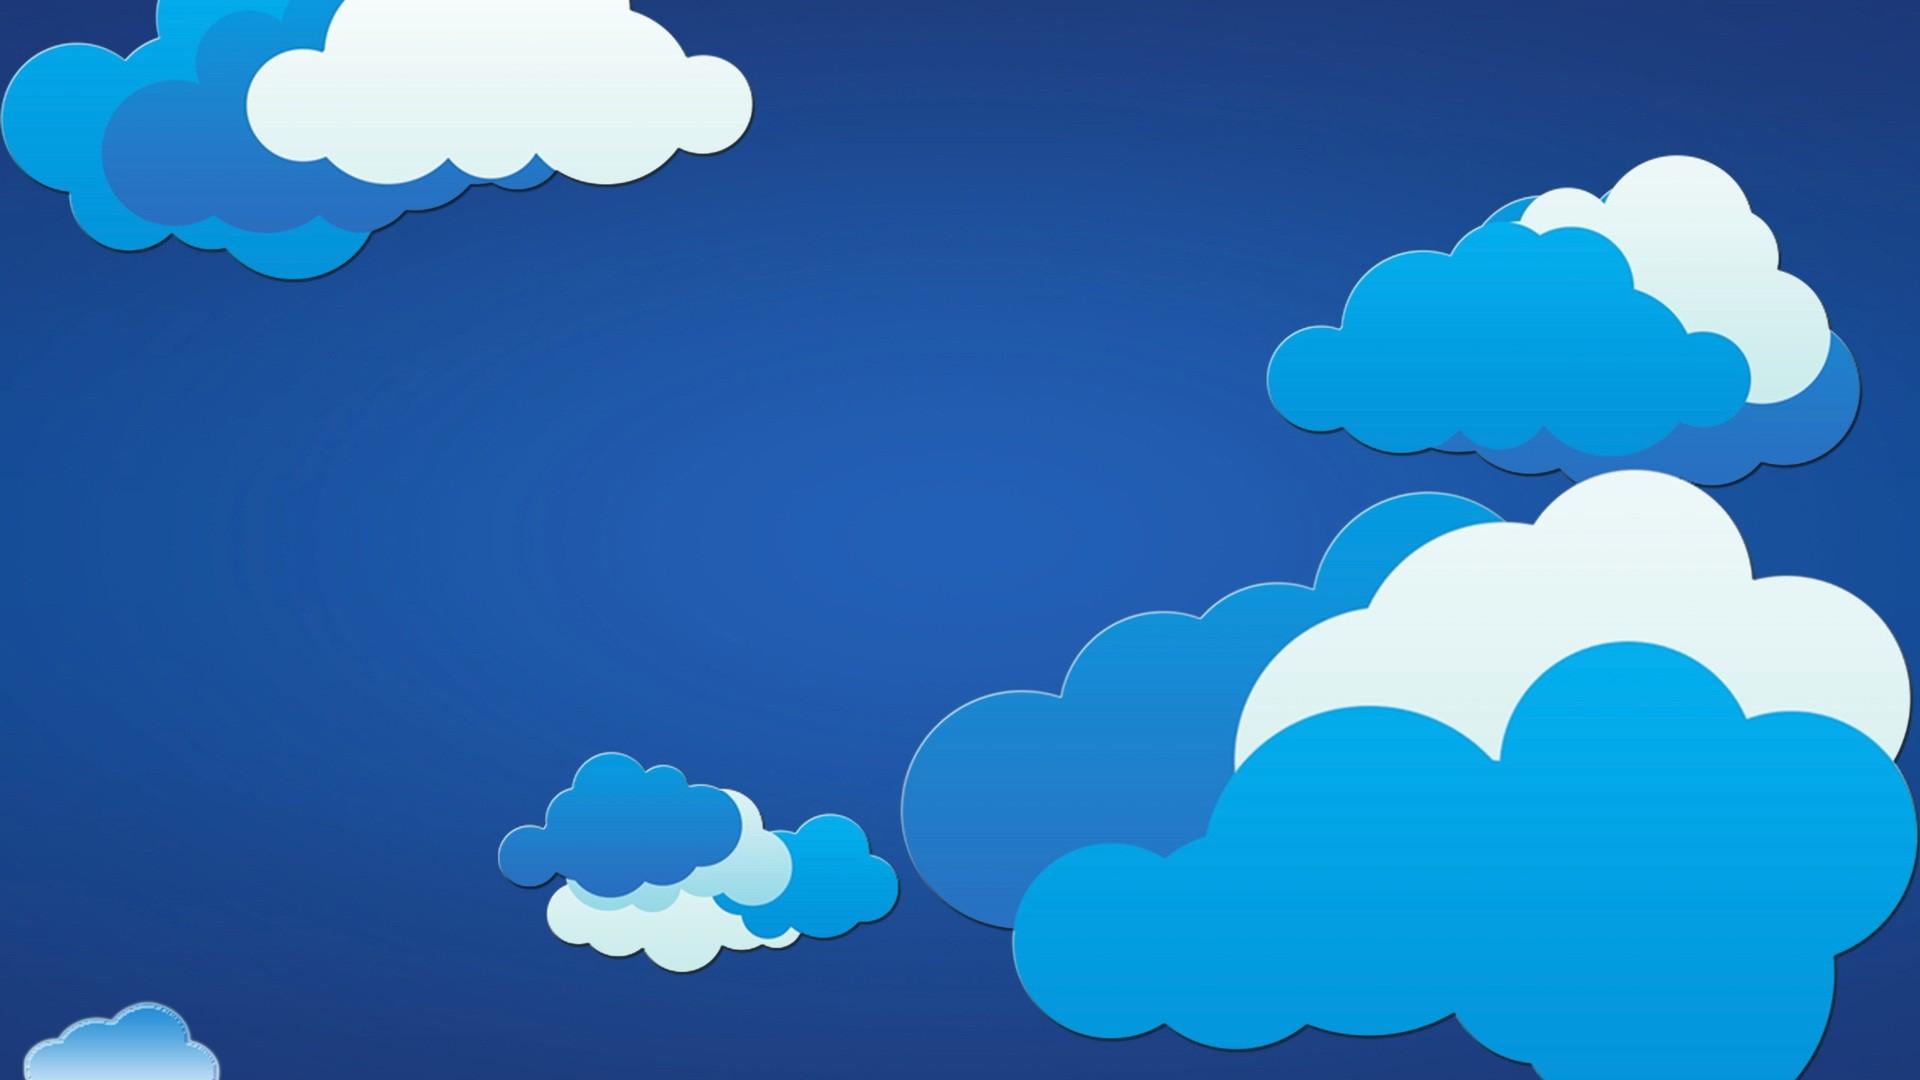 Blue Cloud Picture